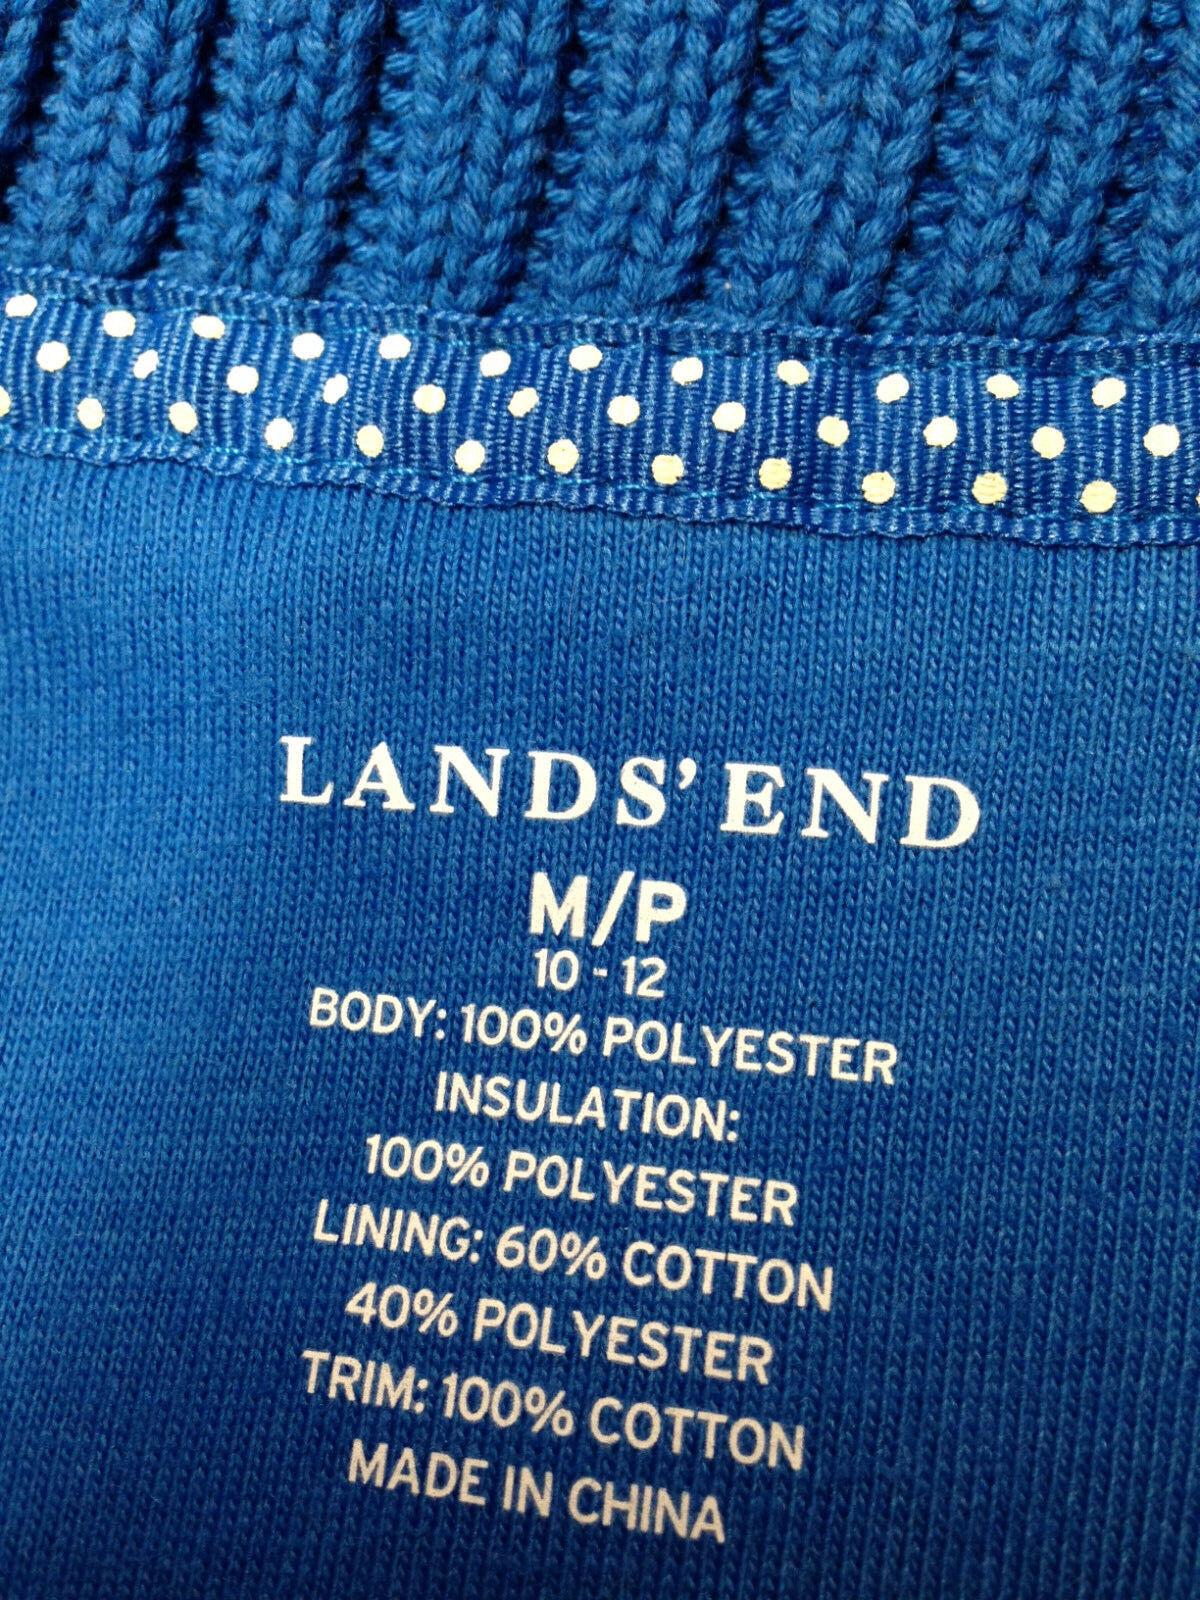 WOMEN'S LANDS' END FLEECE FLEECE FLEECE VEST-SIZE  M P (10-12) fe114b